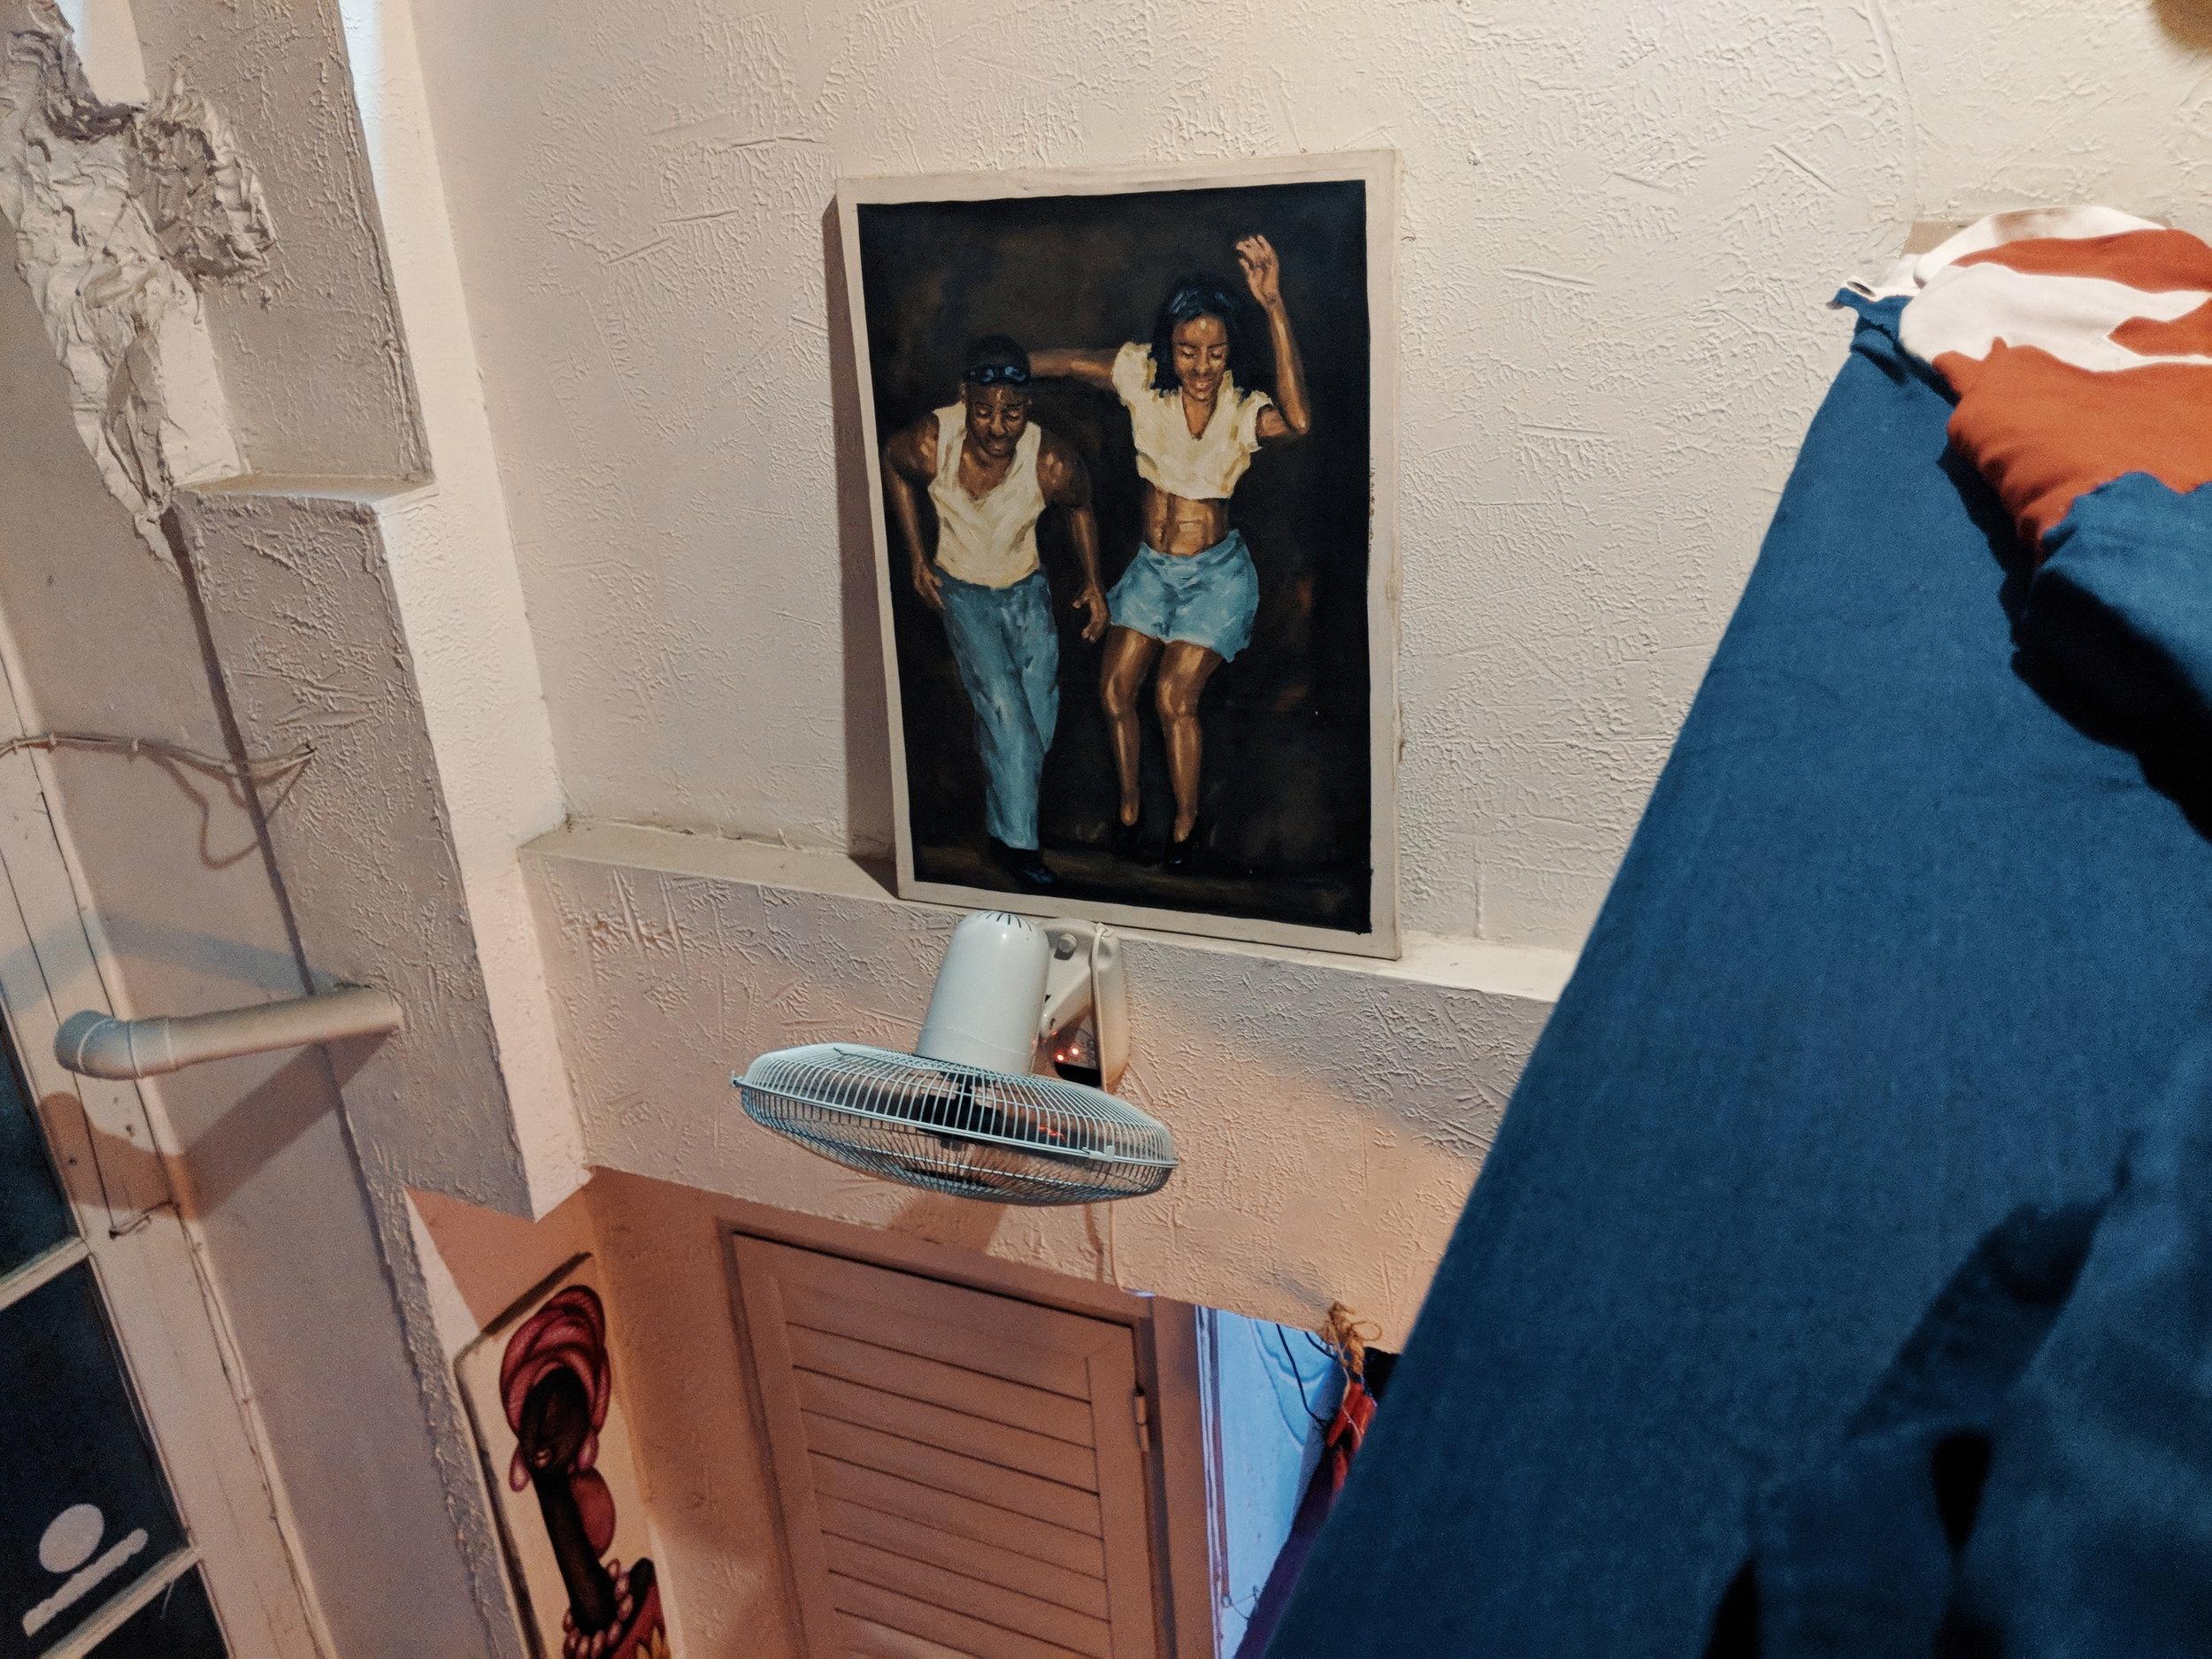 A dance school in Havana, Cuba